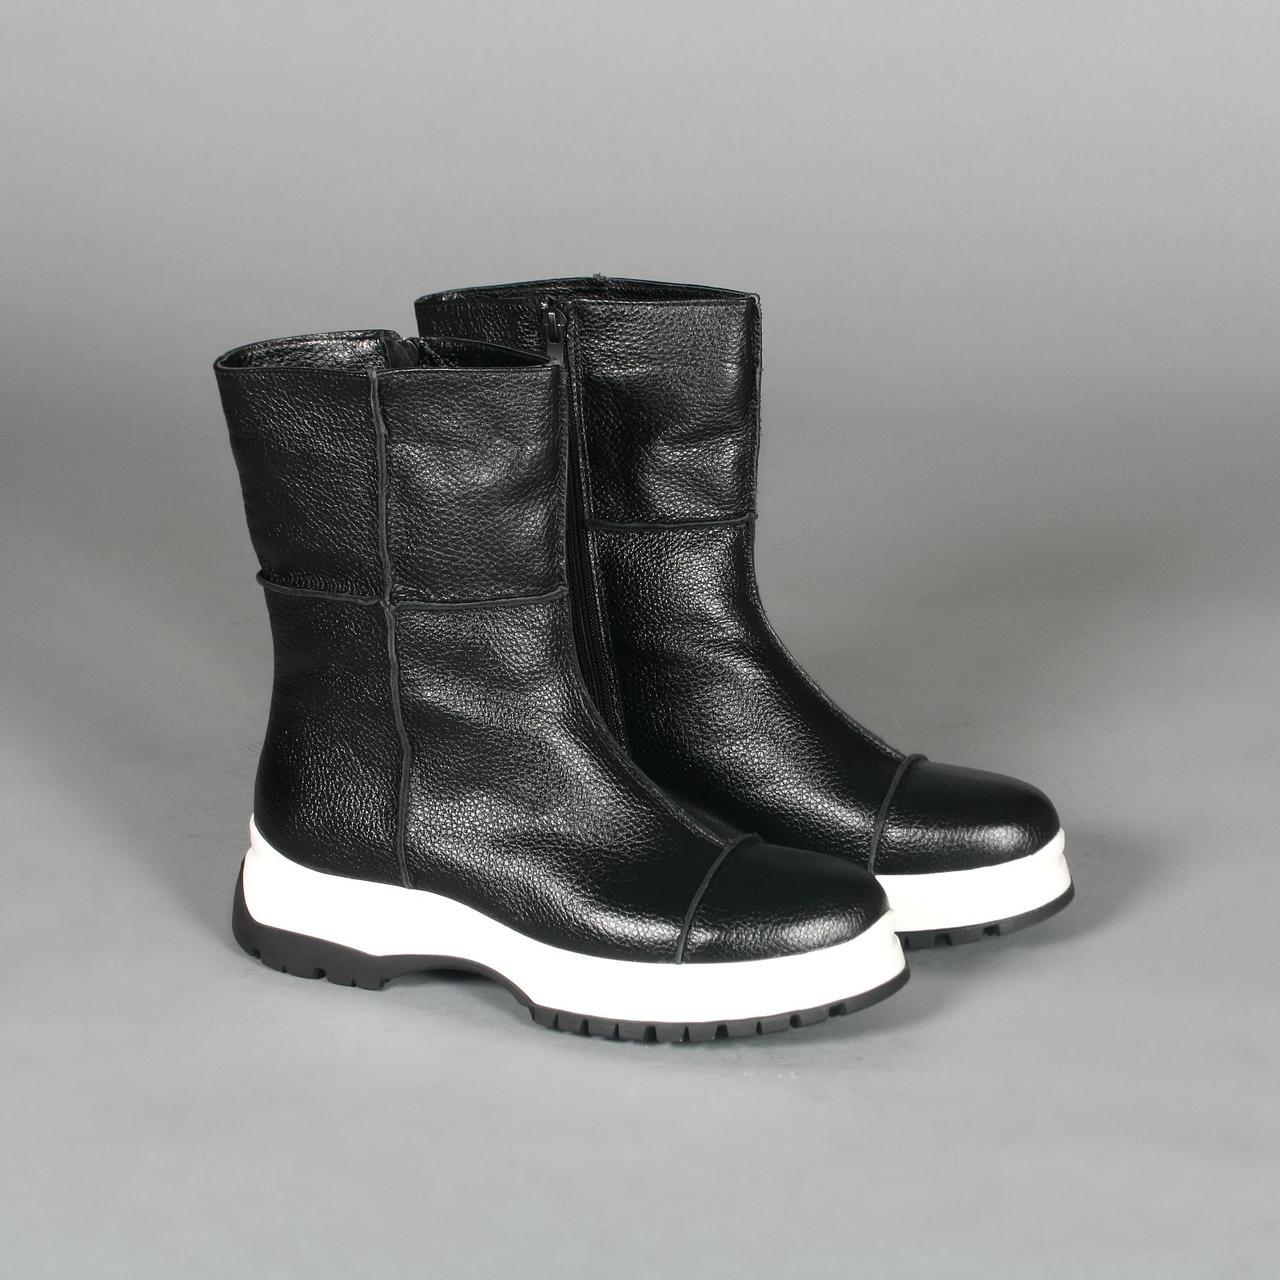 Стильные черные ботинки женские на утолщенной подошве. Зима. Деми.